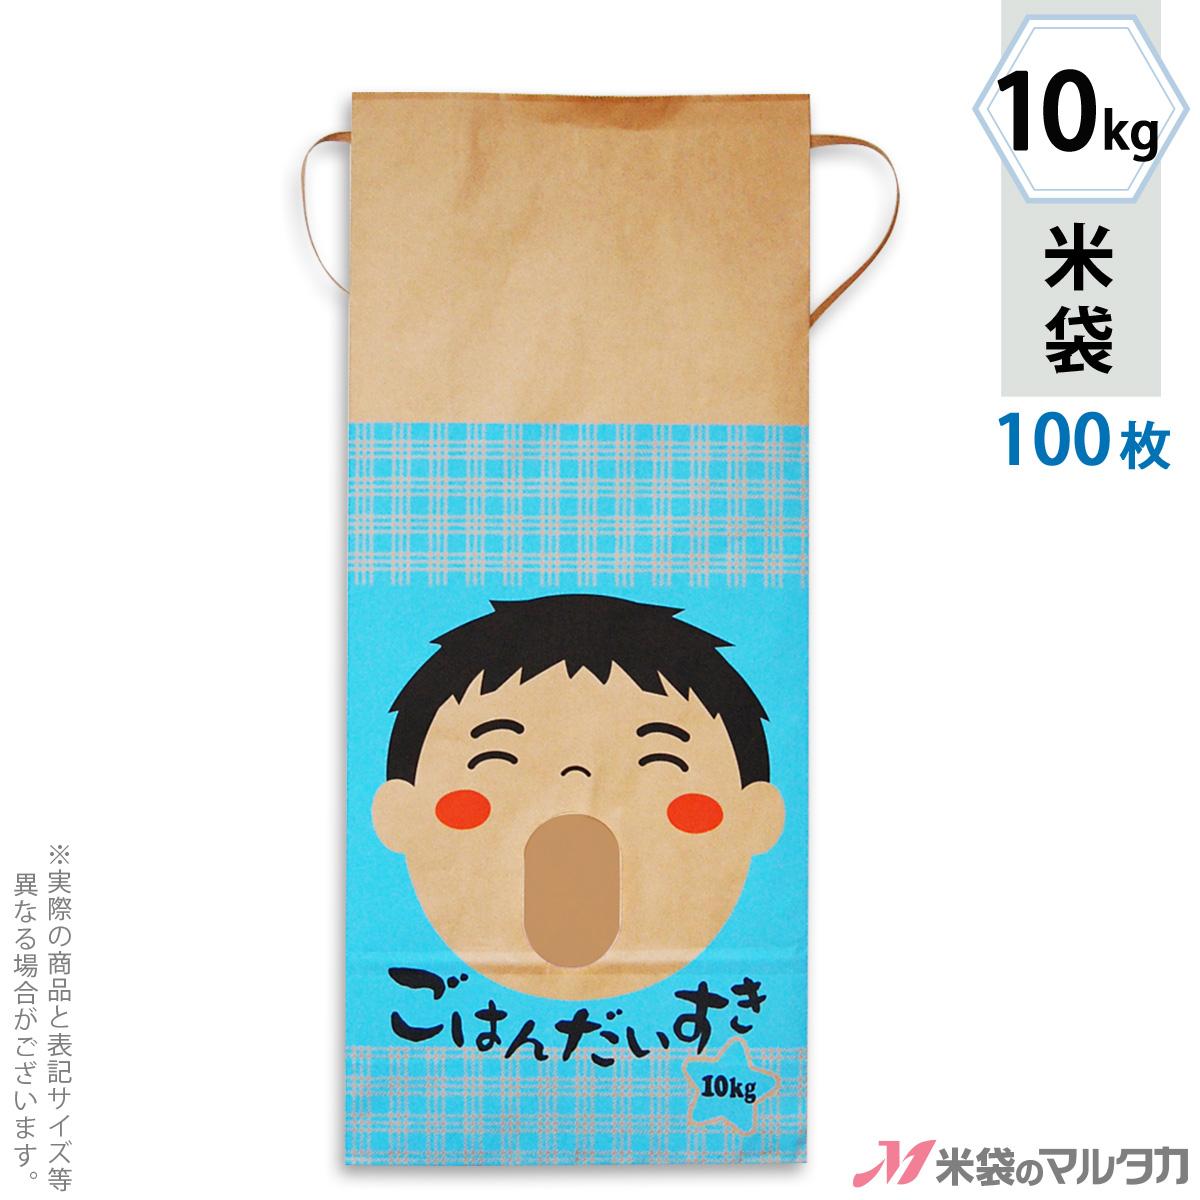 米袋 KH-0031 マルタカ クラフト ごはんだいすき男の子(銘柄なし) 窓付 角底 10kg用紐付 100枚【米袋 10kg】【おトクな100枚セット】